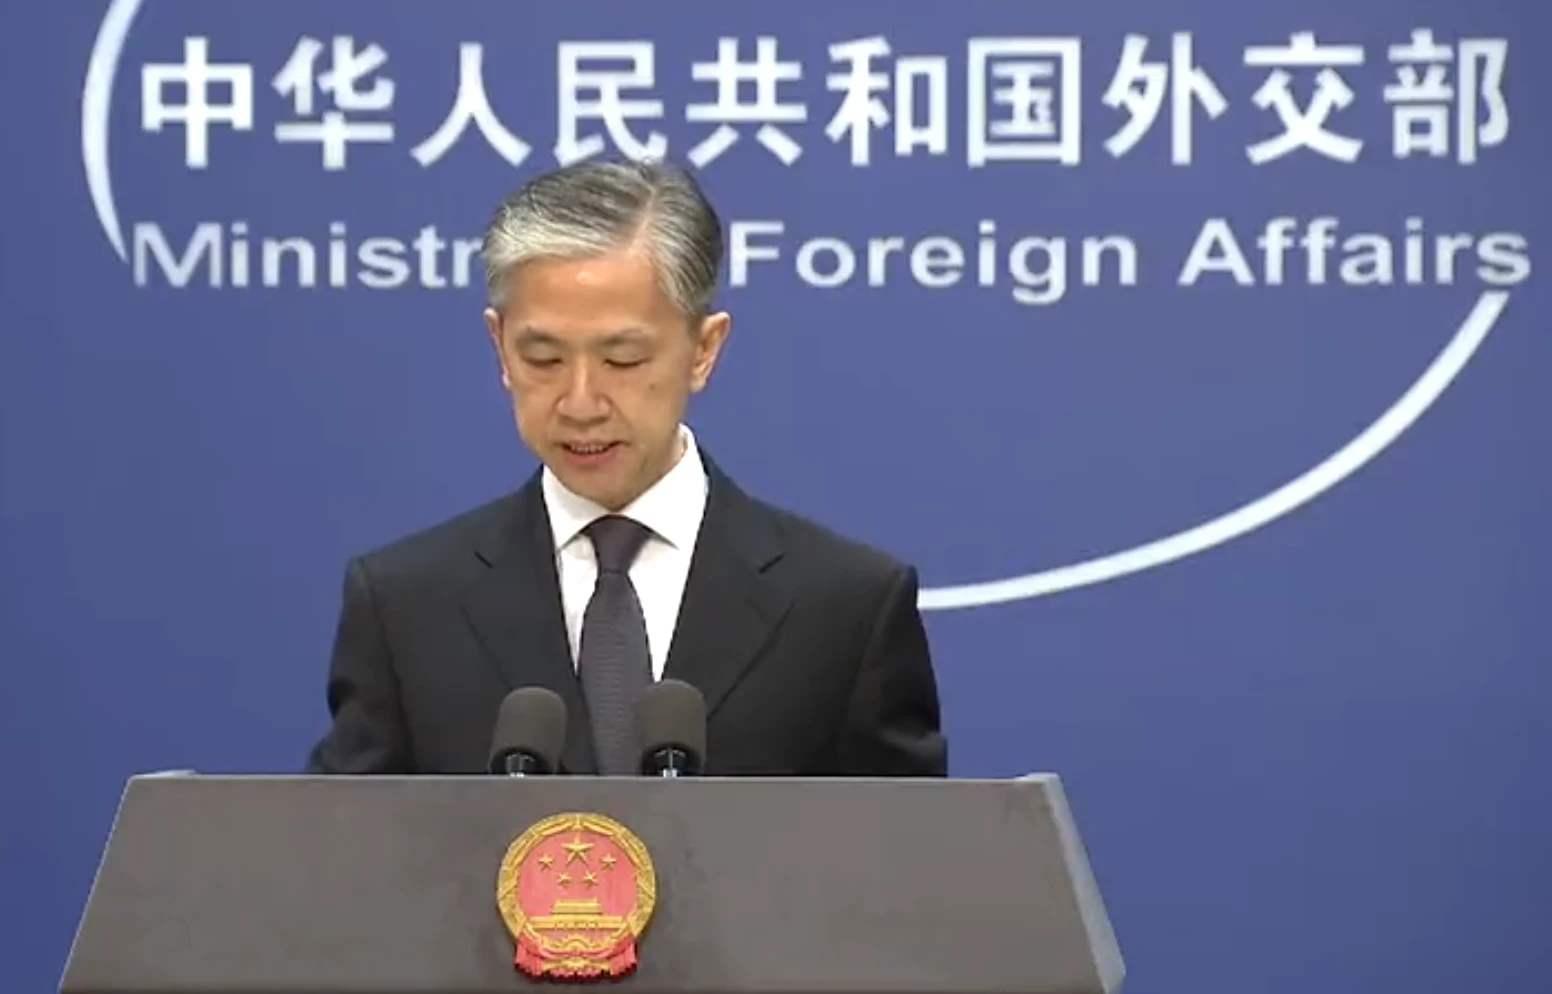 中国禁止两名澳大利亚反华学者入境!外交部:不欢迎诽谤者